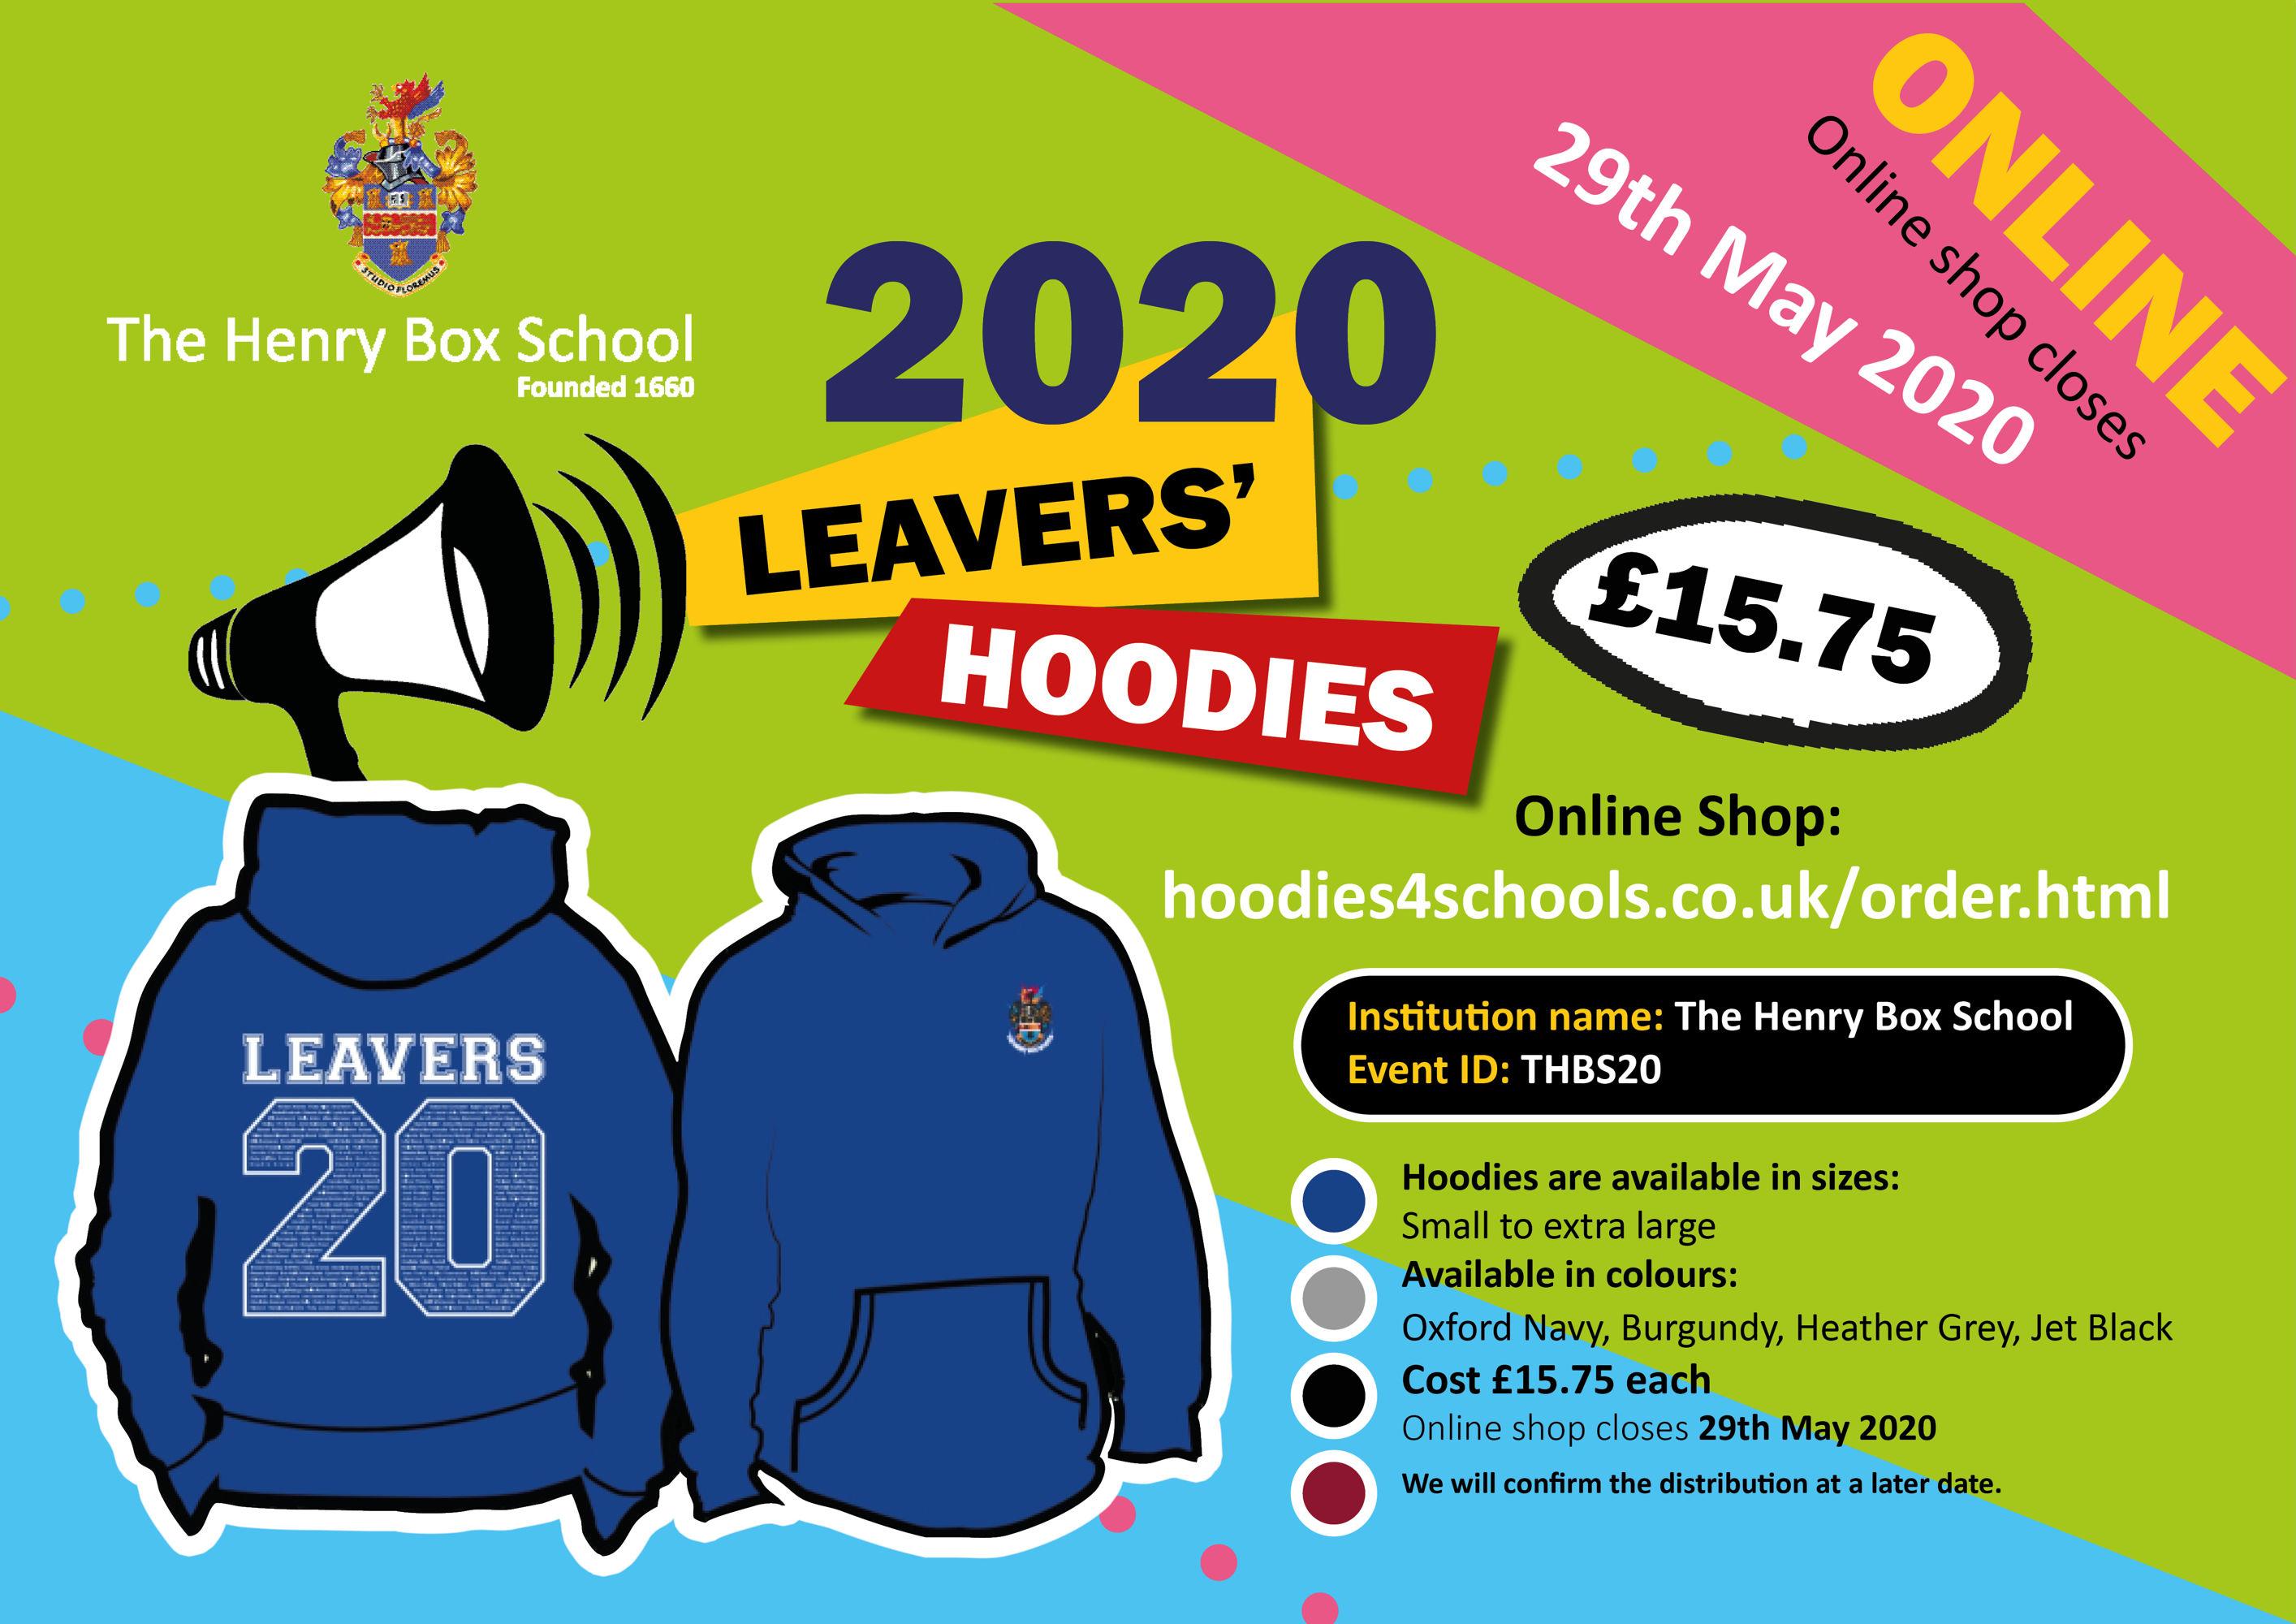 Year+11+Leavers+Hoodie+poster+2020+L